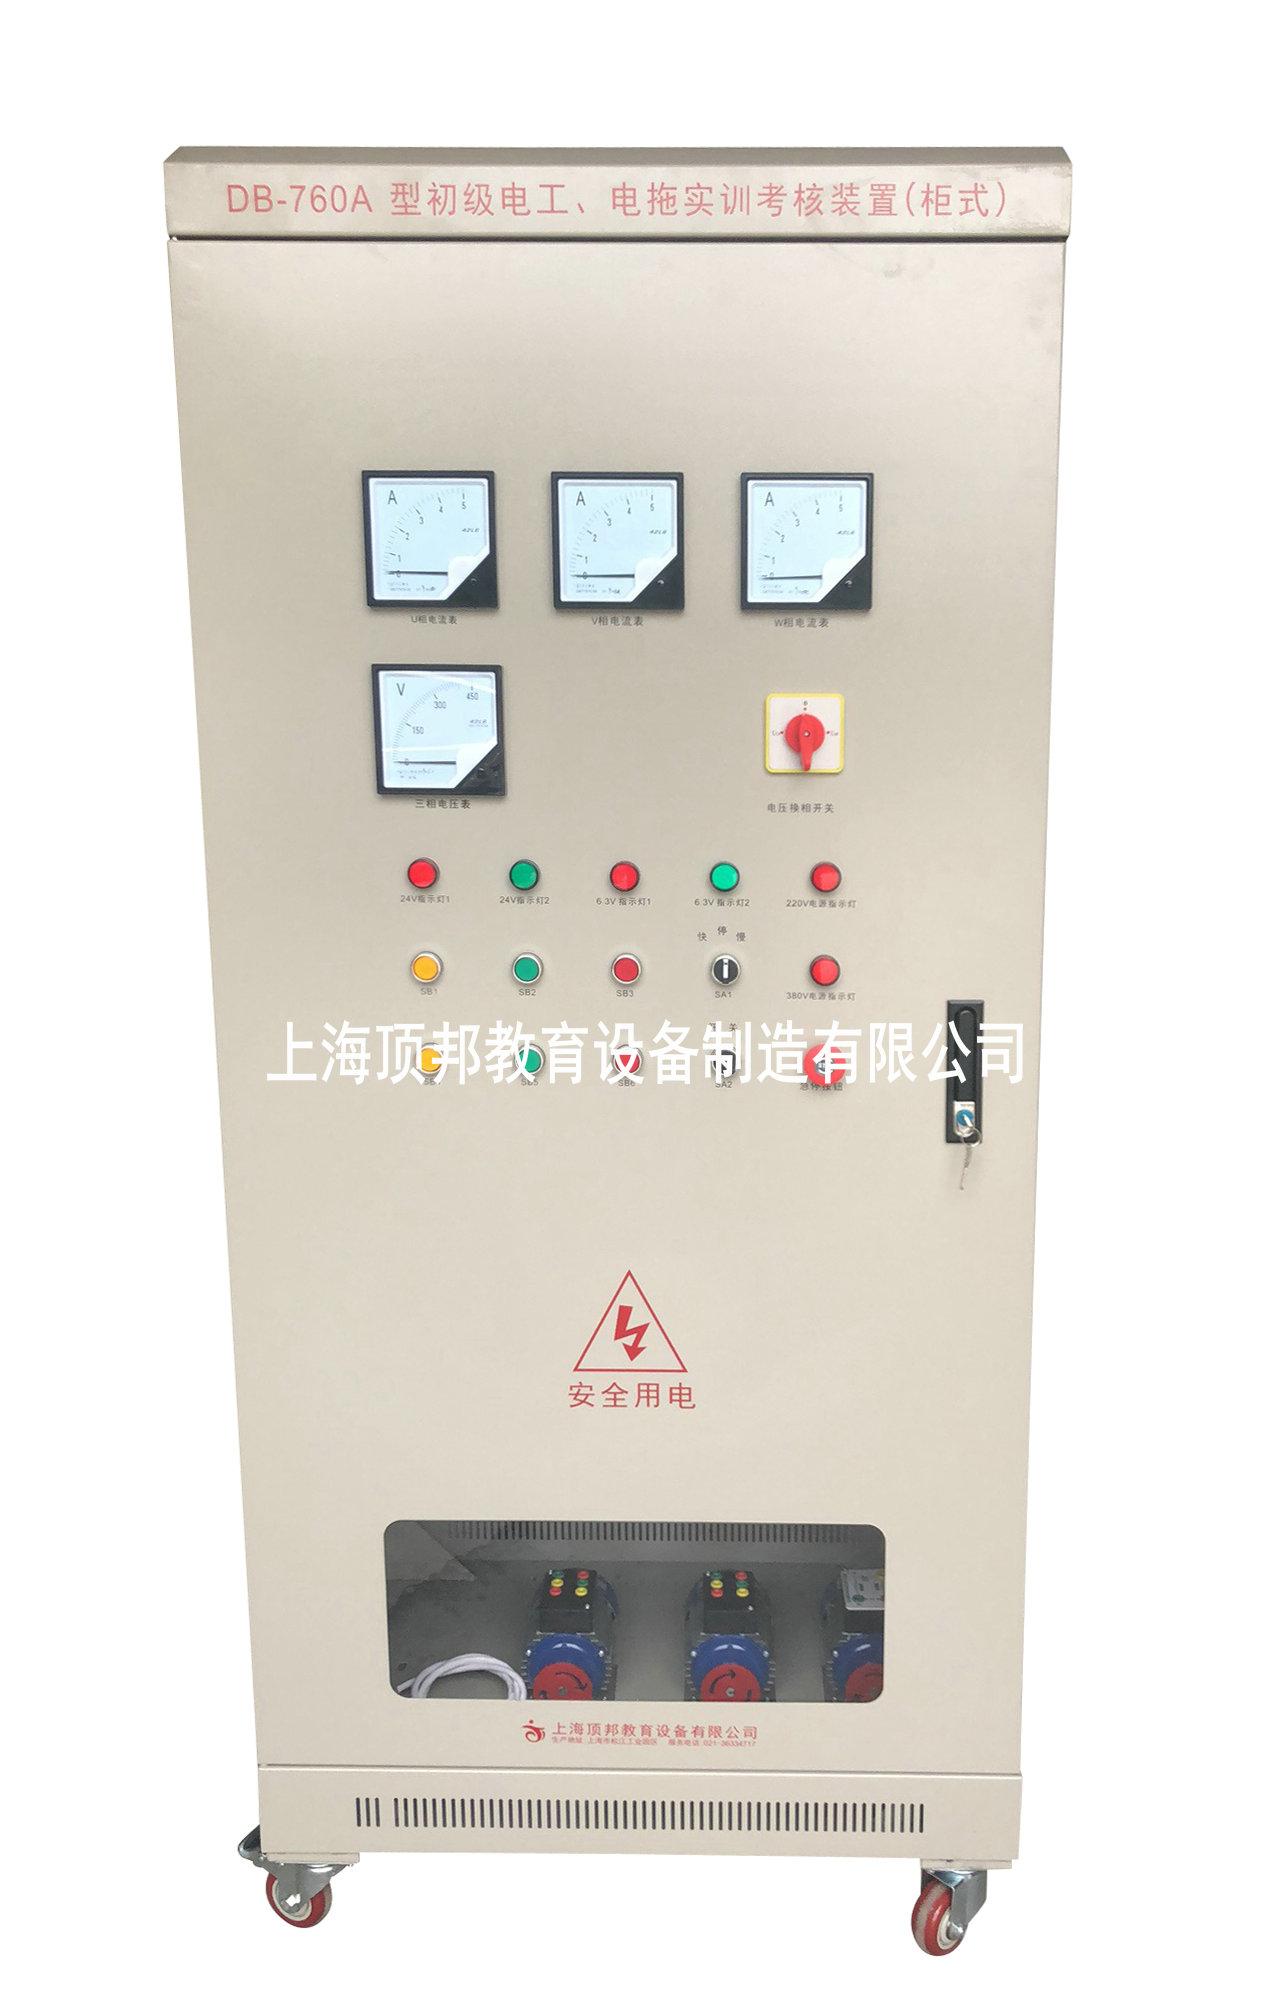 初级电工、电拖实训考核装置(柜式)